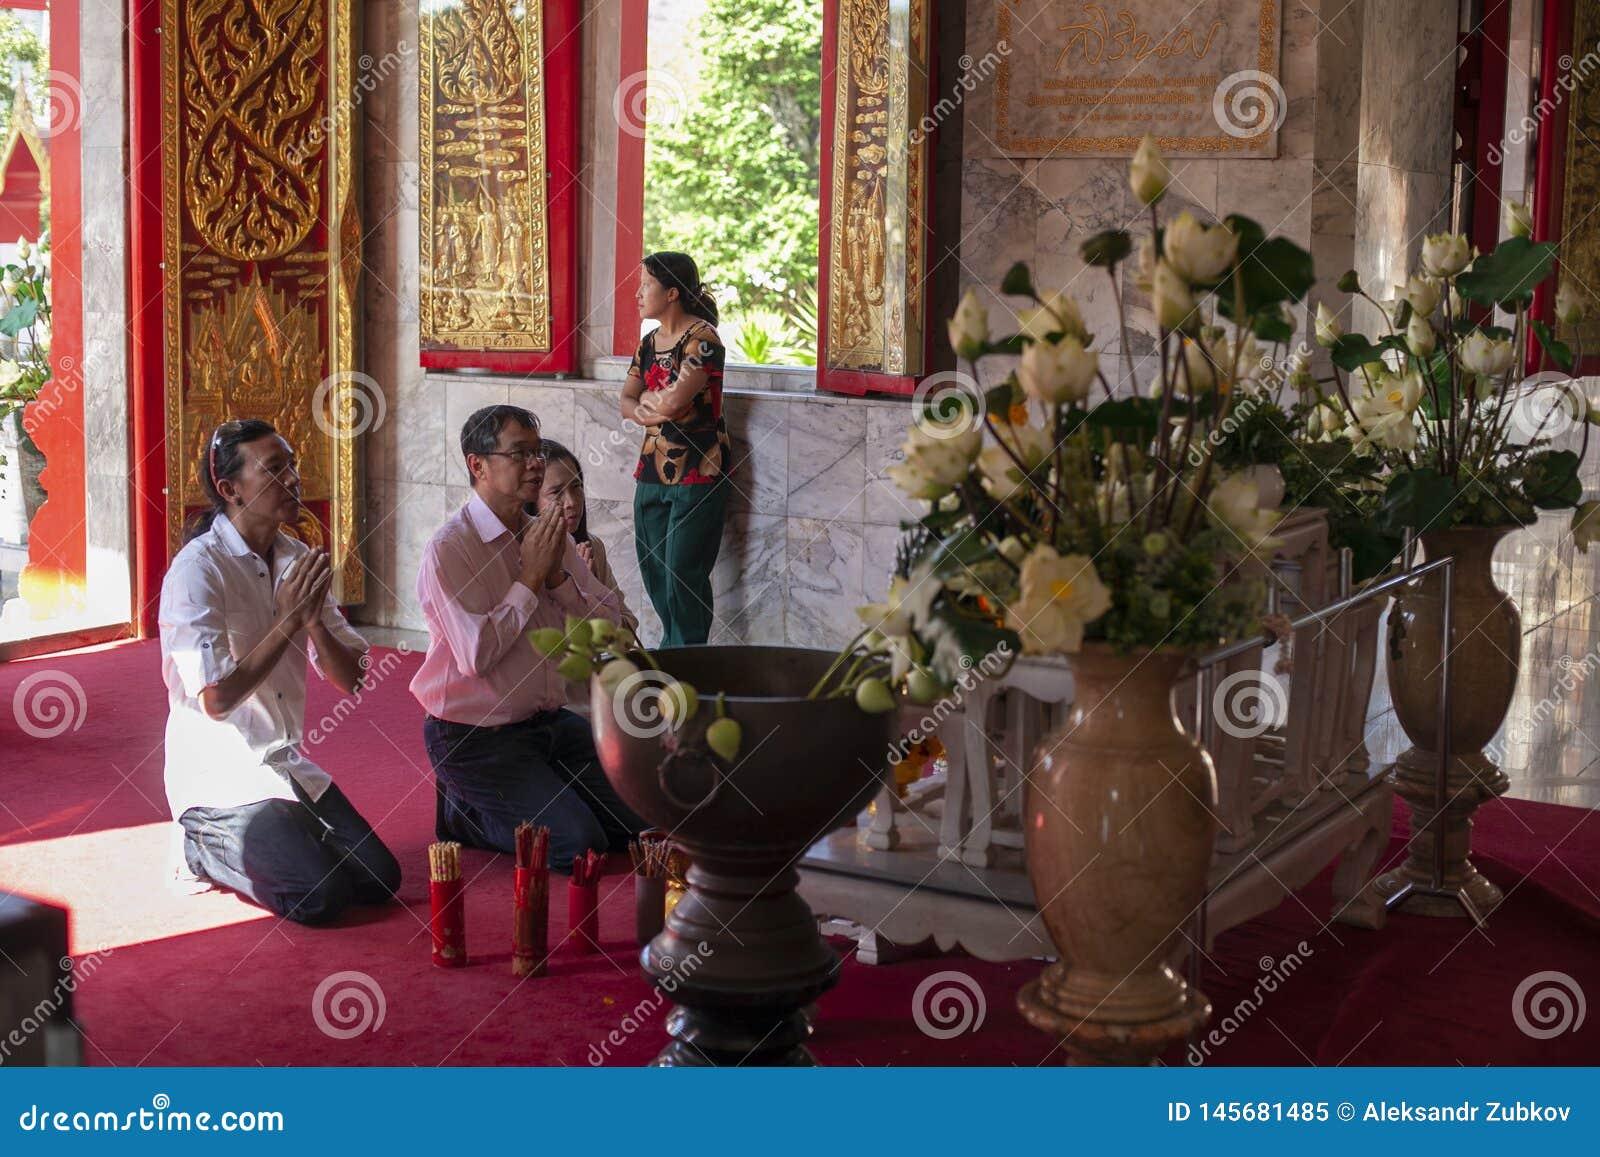 Tailandia, Phuket, 01 18 2013 Un hombre y su familia ruegan en un templo budista por la mañana El concepto de religi?n